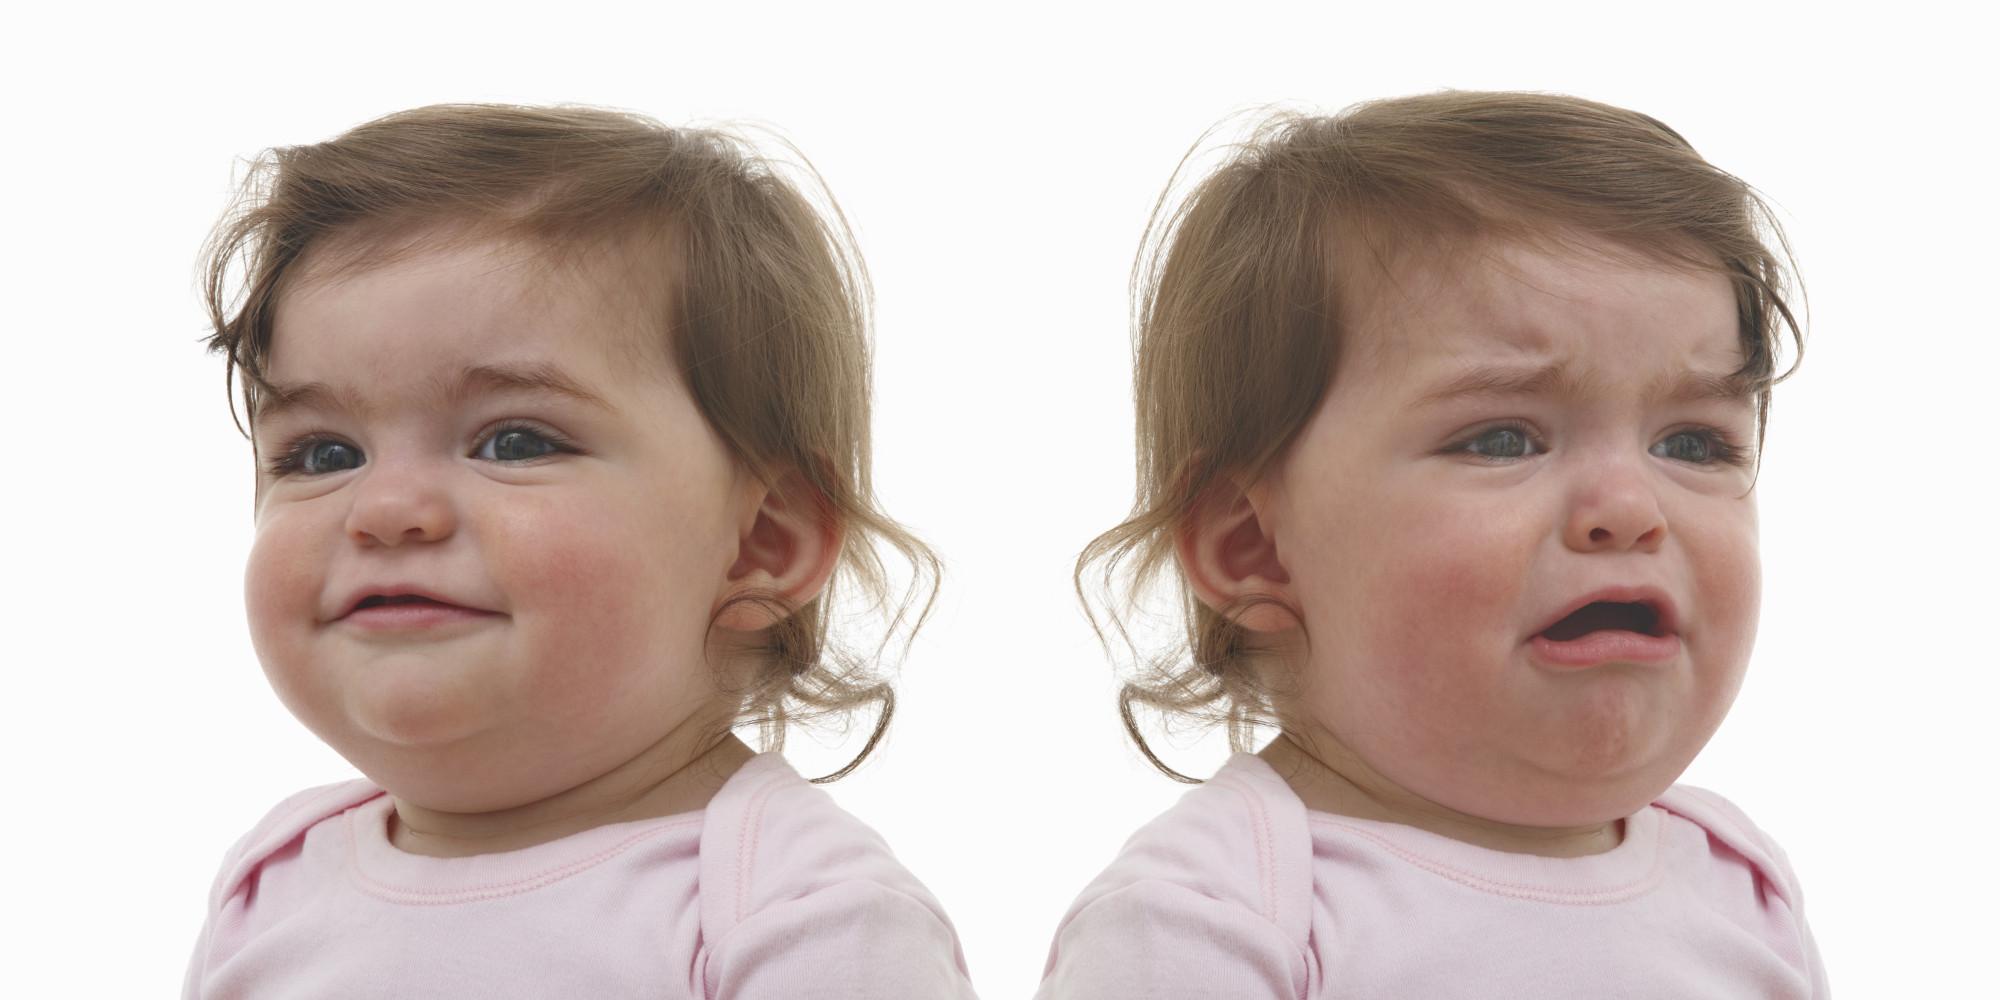 Как да се справим ако с детето ни сме пълни противоположности